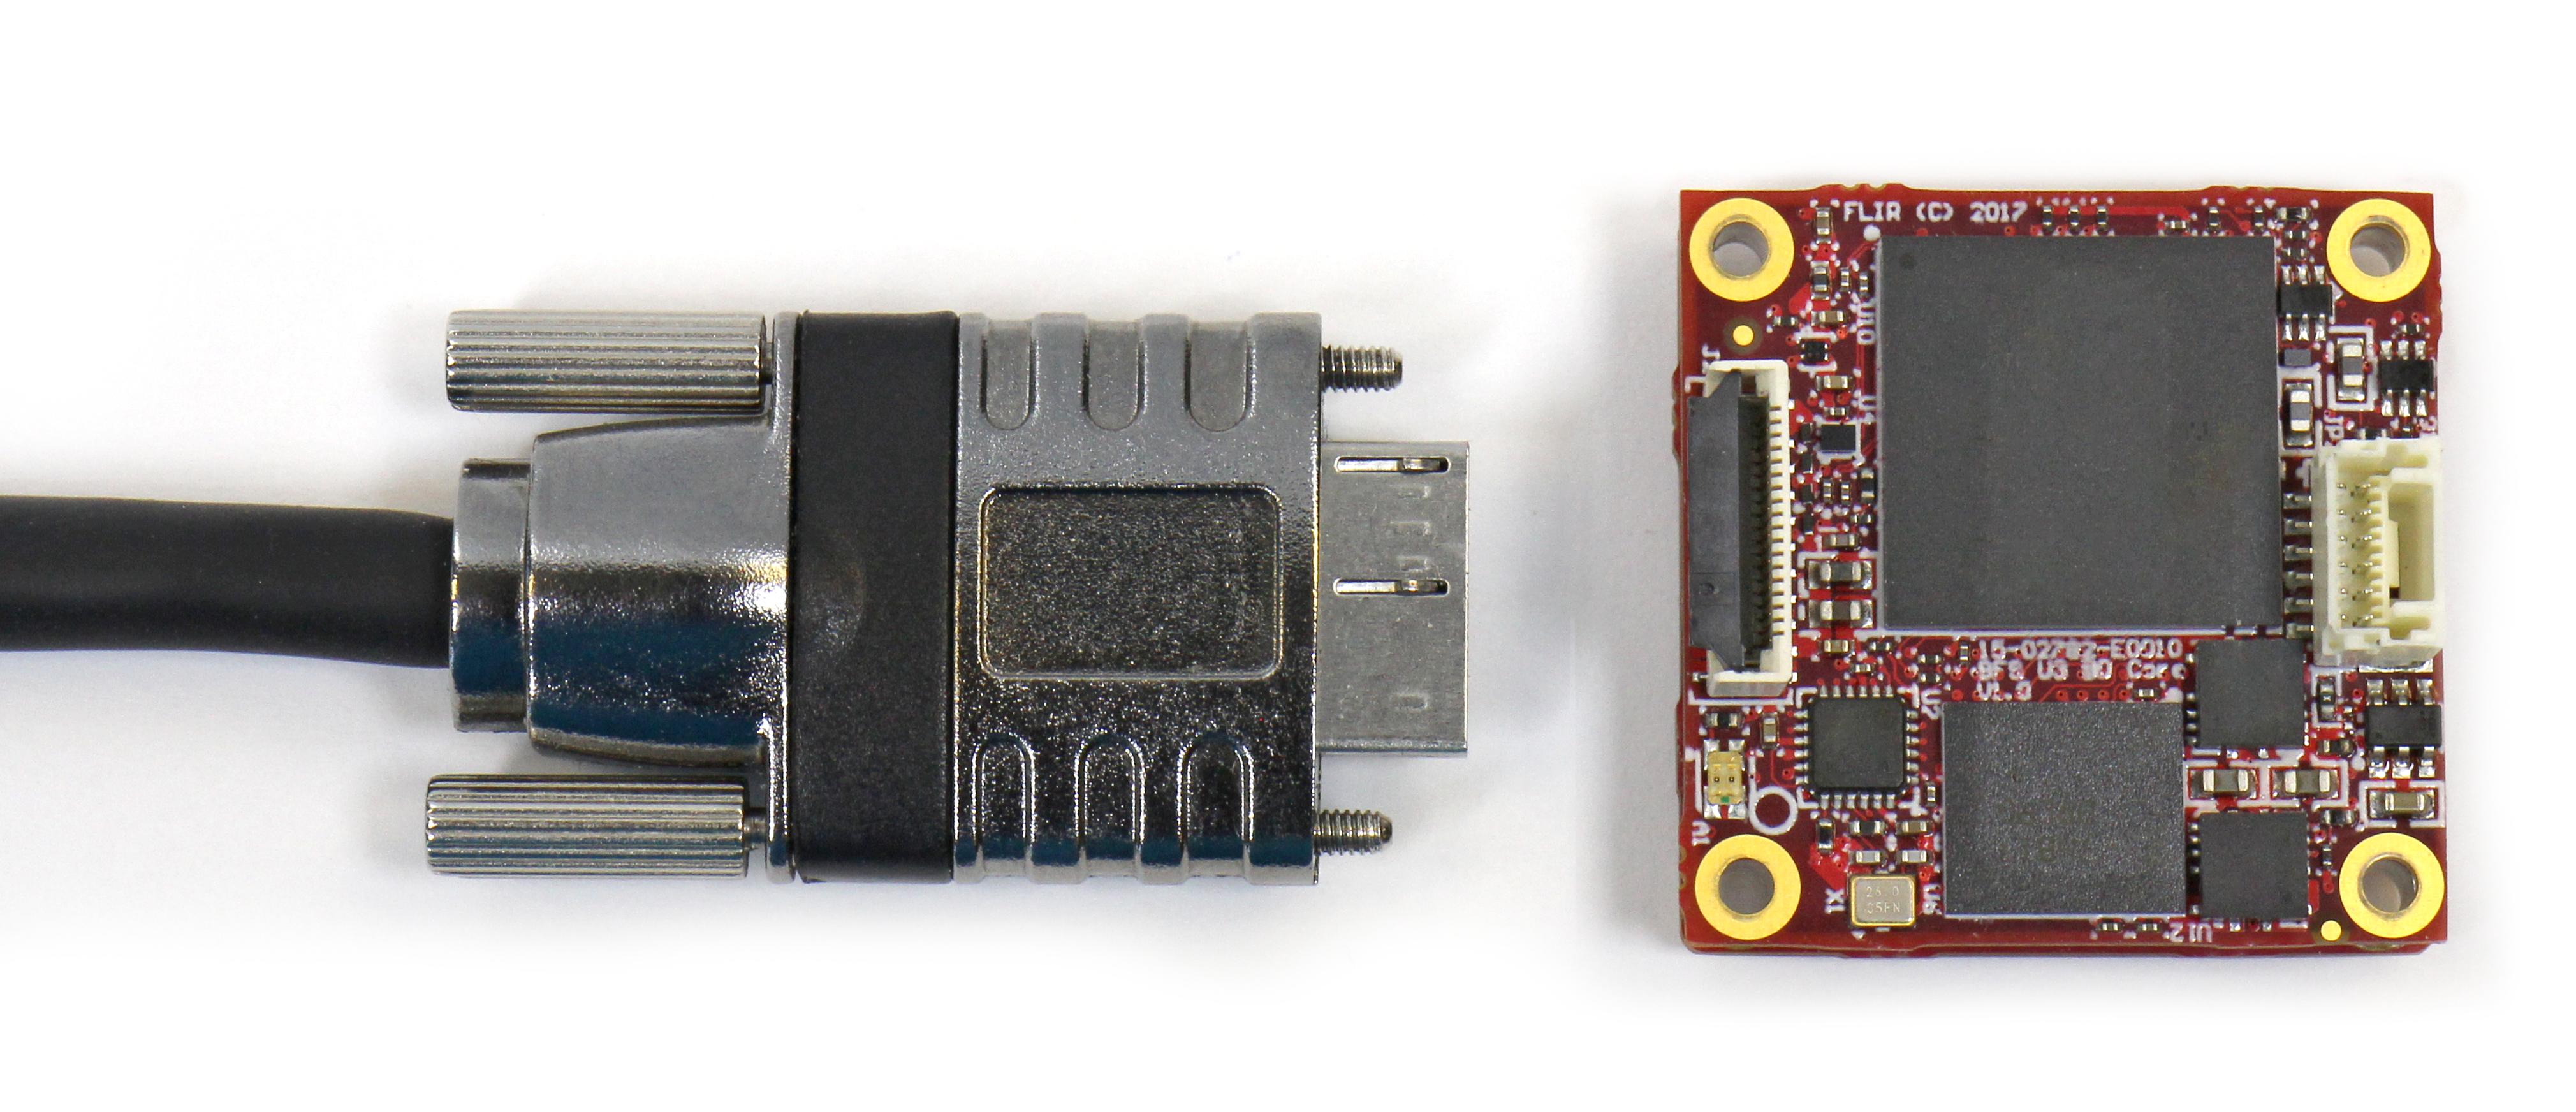 Board level camera integration guide   FLIR Systems